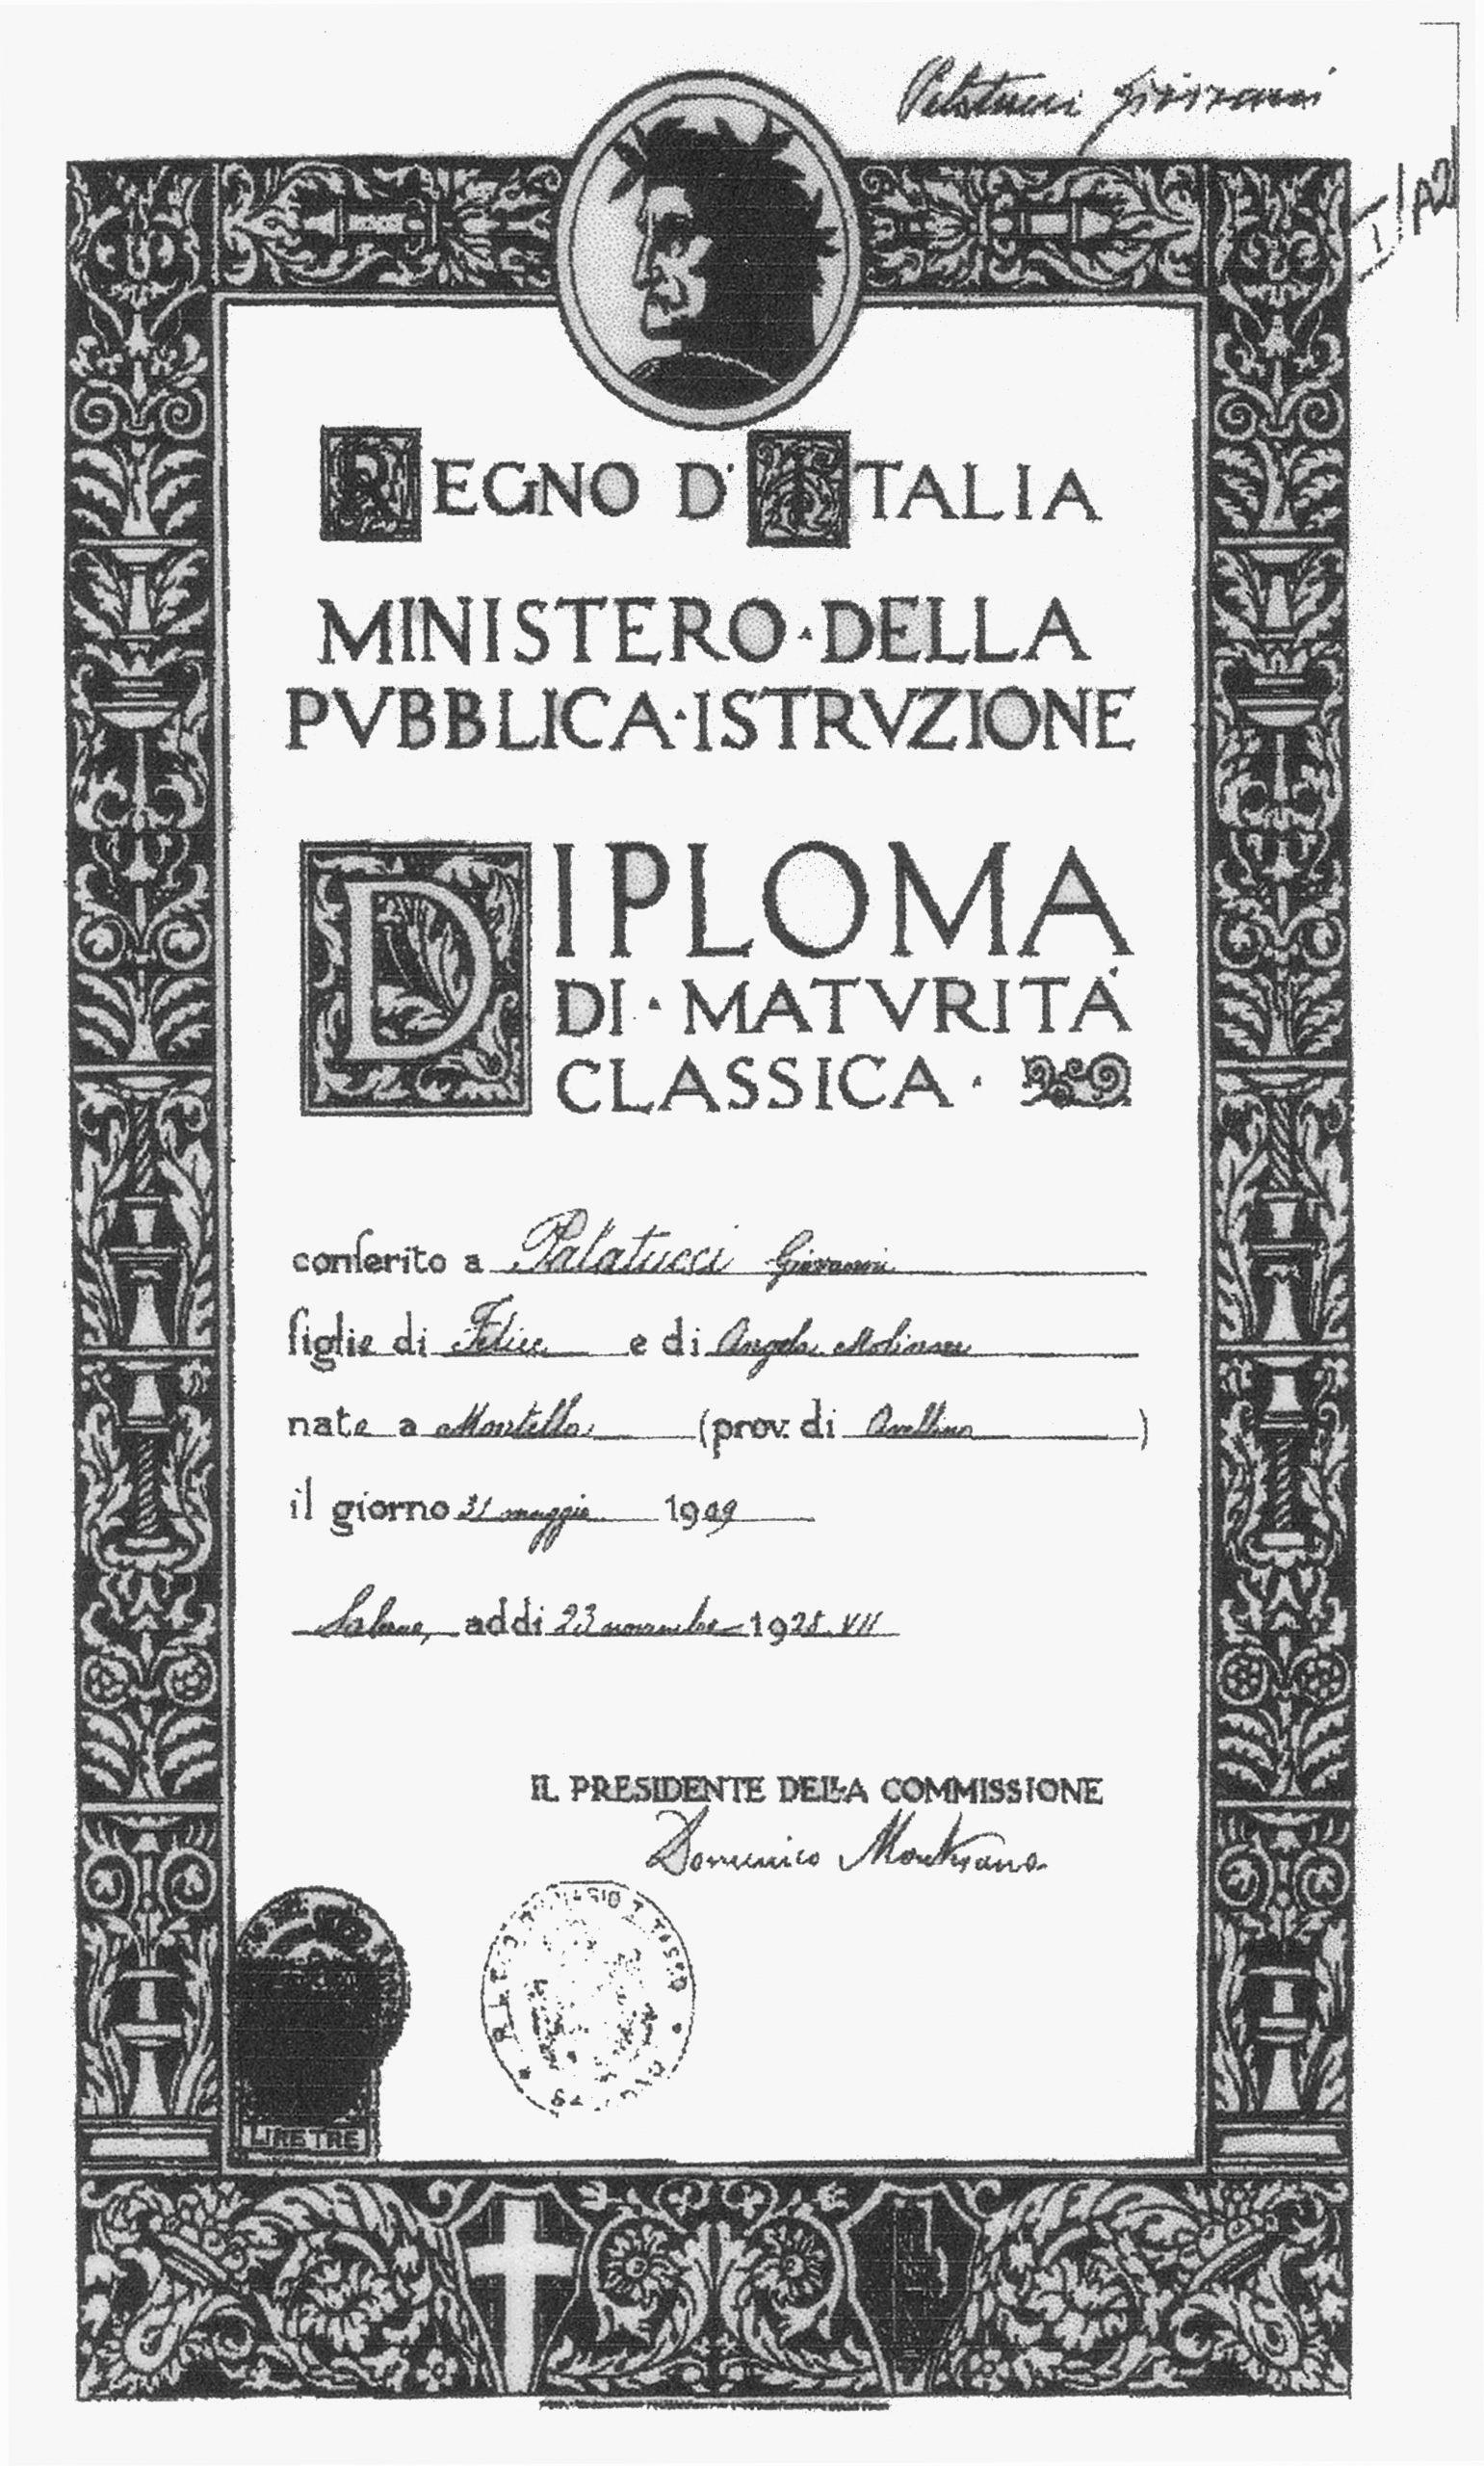 Diploma di maturità di Giovanni Palatucci